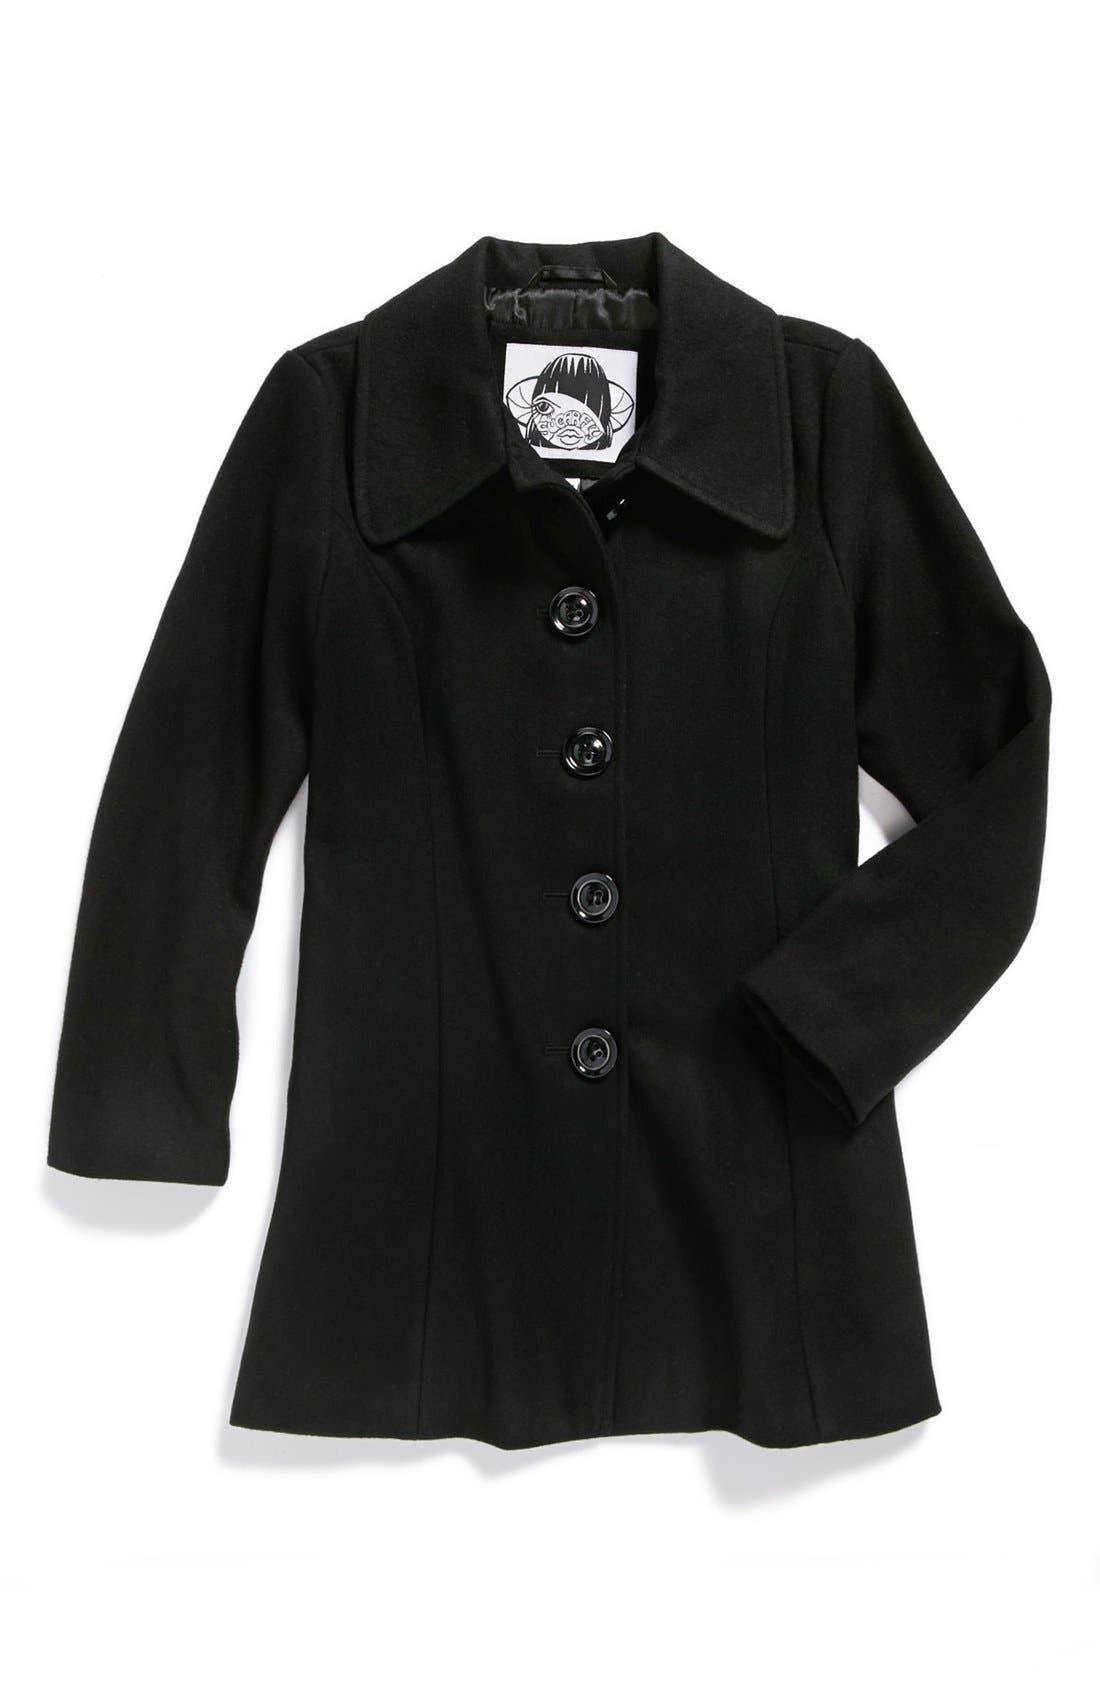 Alternate Image 1 Selected - Sugarfly Wool Blend Coat (Big Girls)